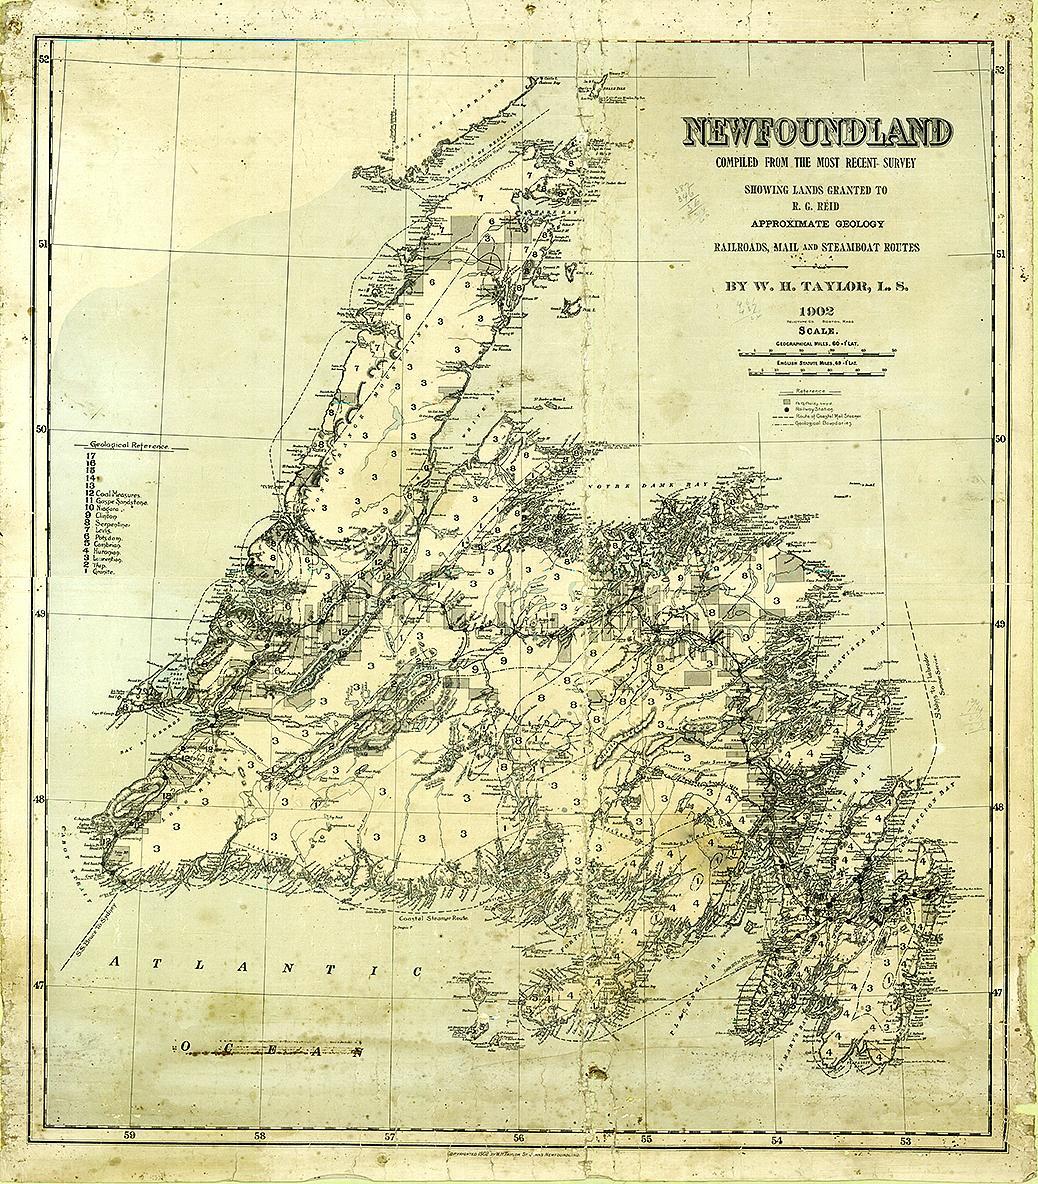 carte antique de Terre-Neuve tracée à la main